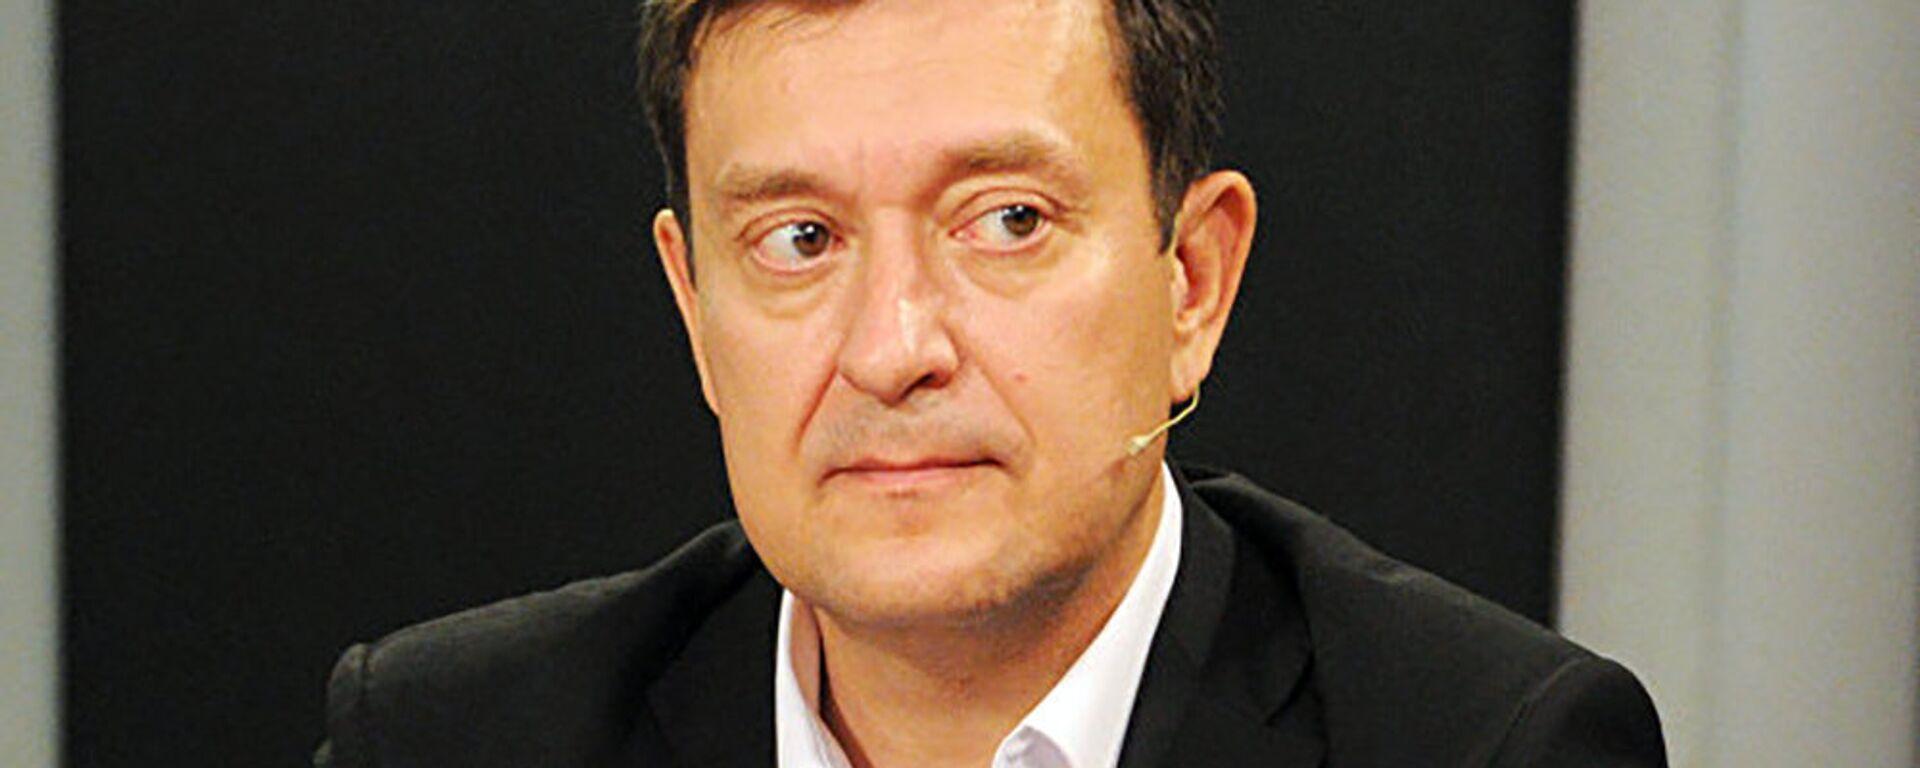 Военный эксперт Иван Коновалов - Sputnik Latvija, 1920, 23.05.2021